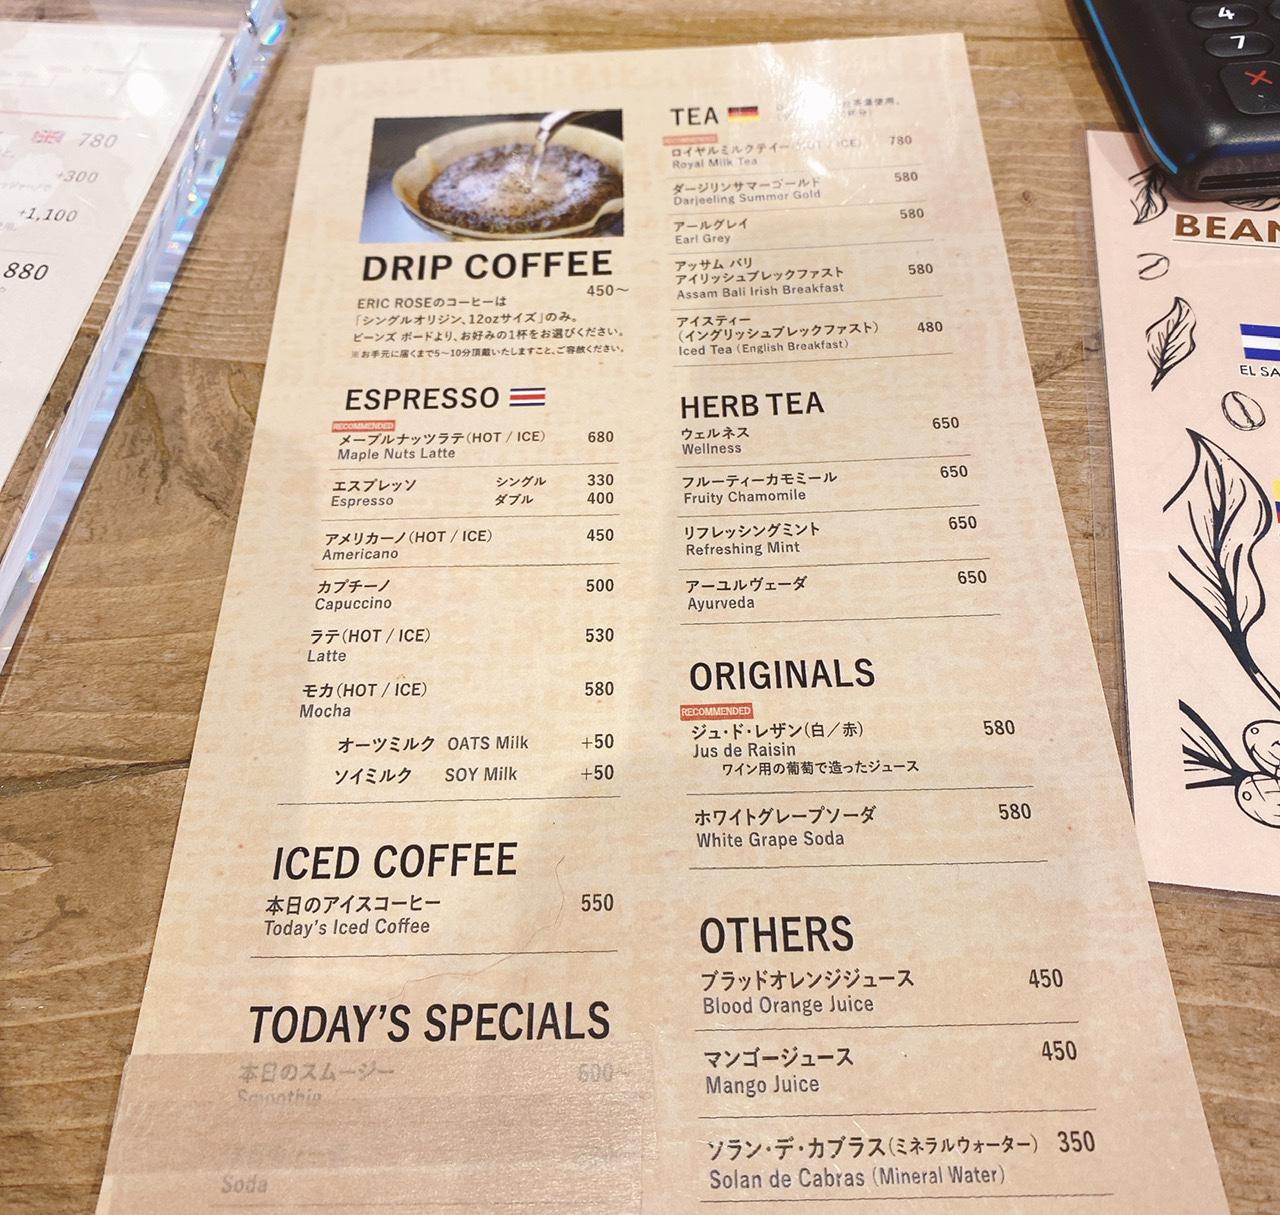 【表参道カフェ】世界1号店!スタバ創業メンバーが手掛ける《エリック・ローズ》が日本初上陸★_3